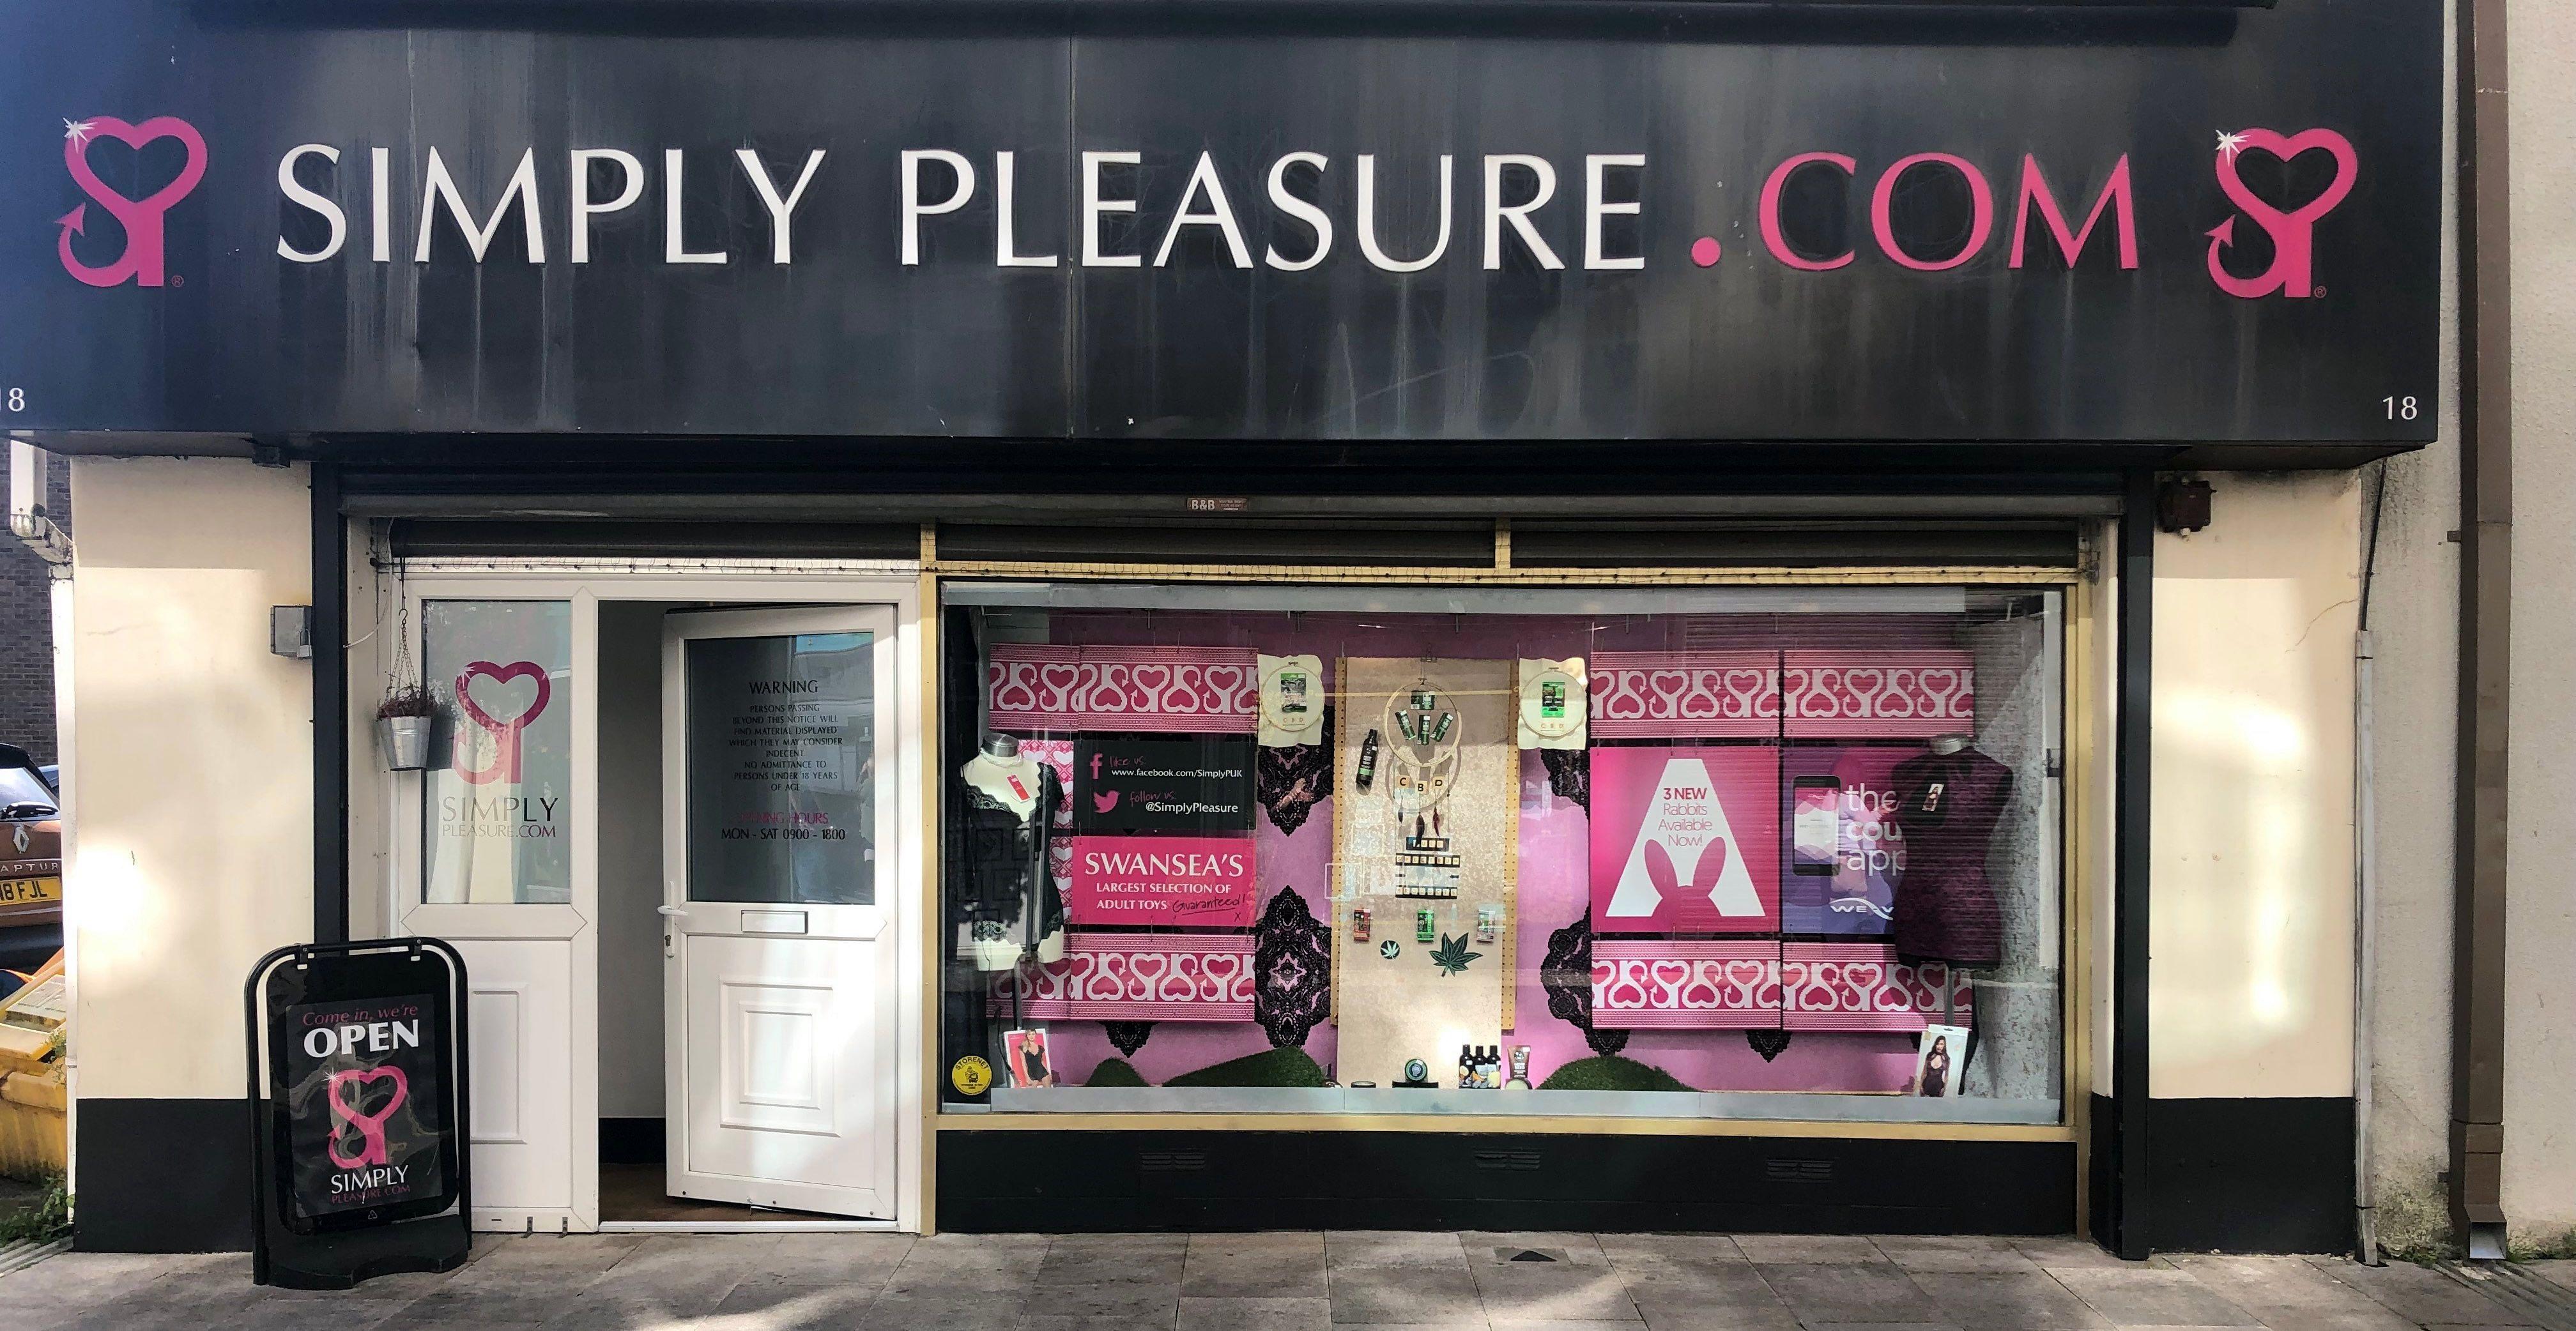 Swansea Simply Pleasure